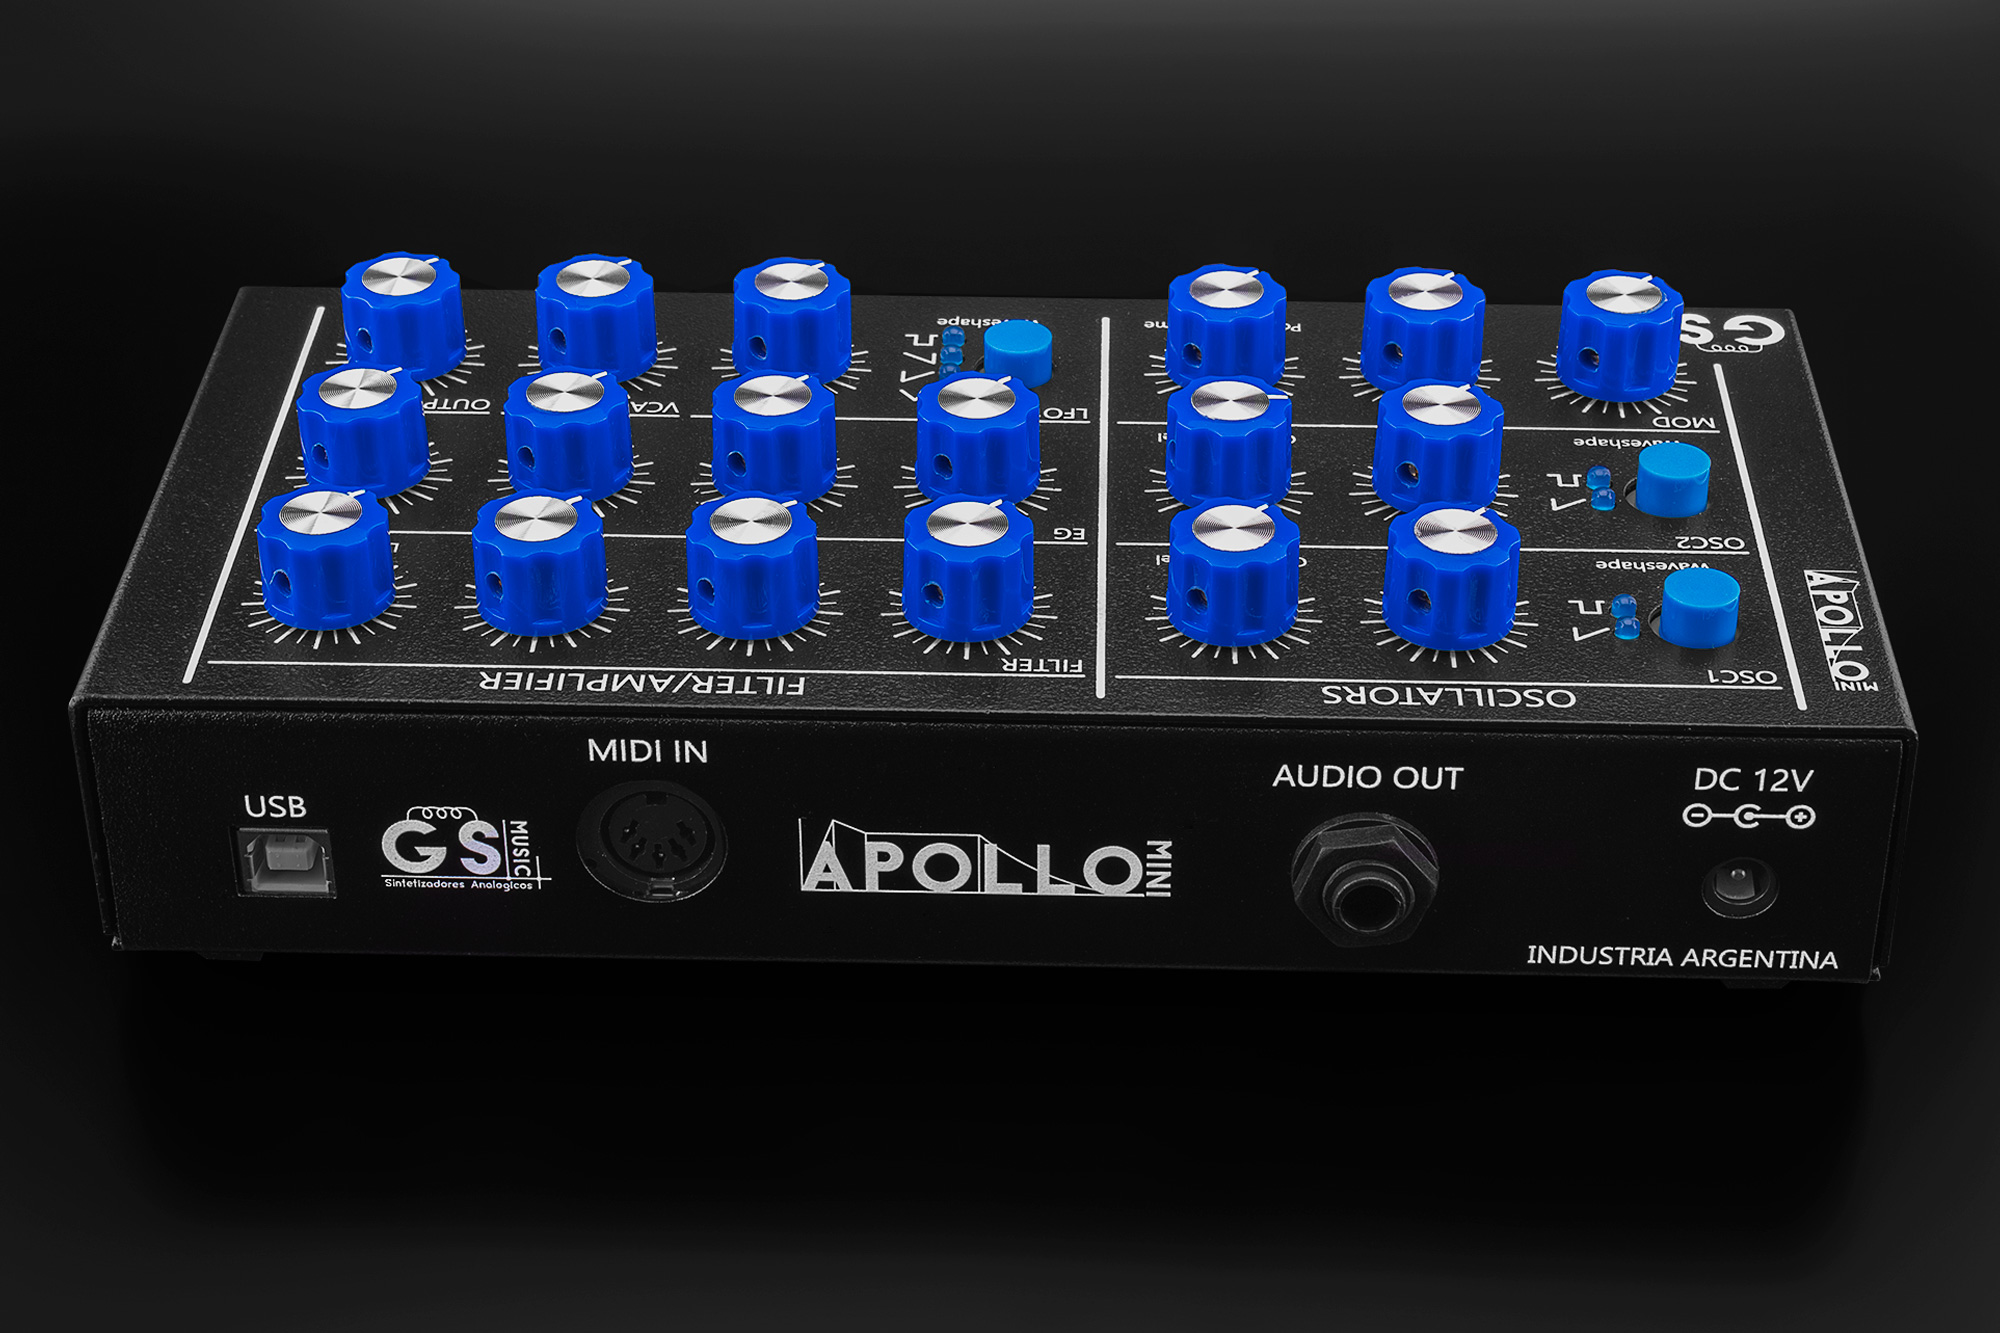 GS_apollo-mini-azul-back